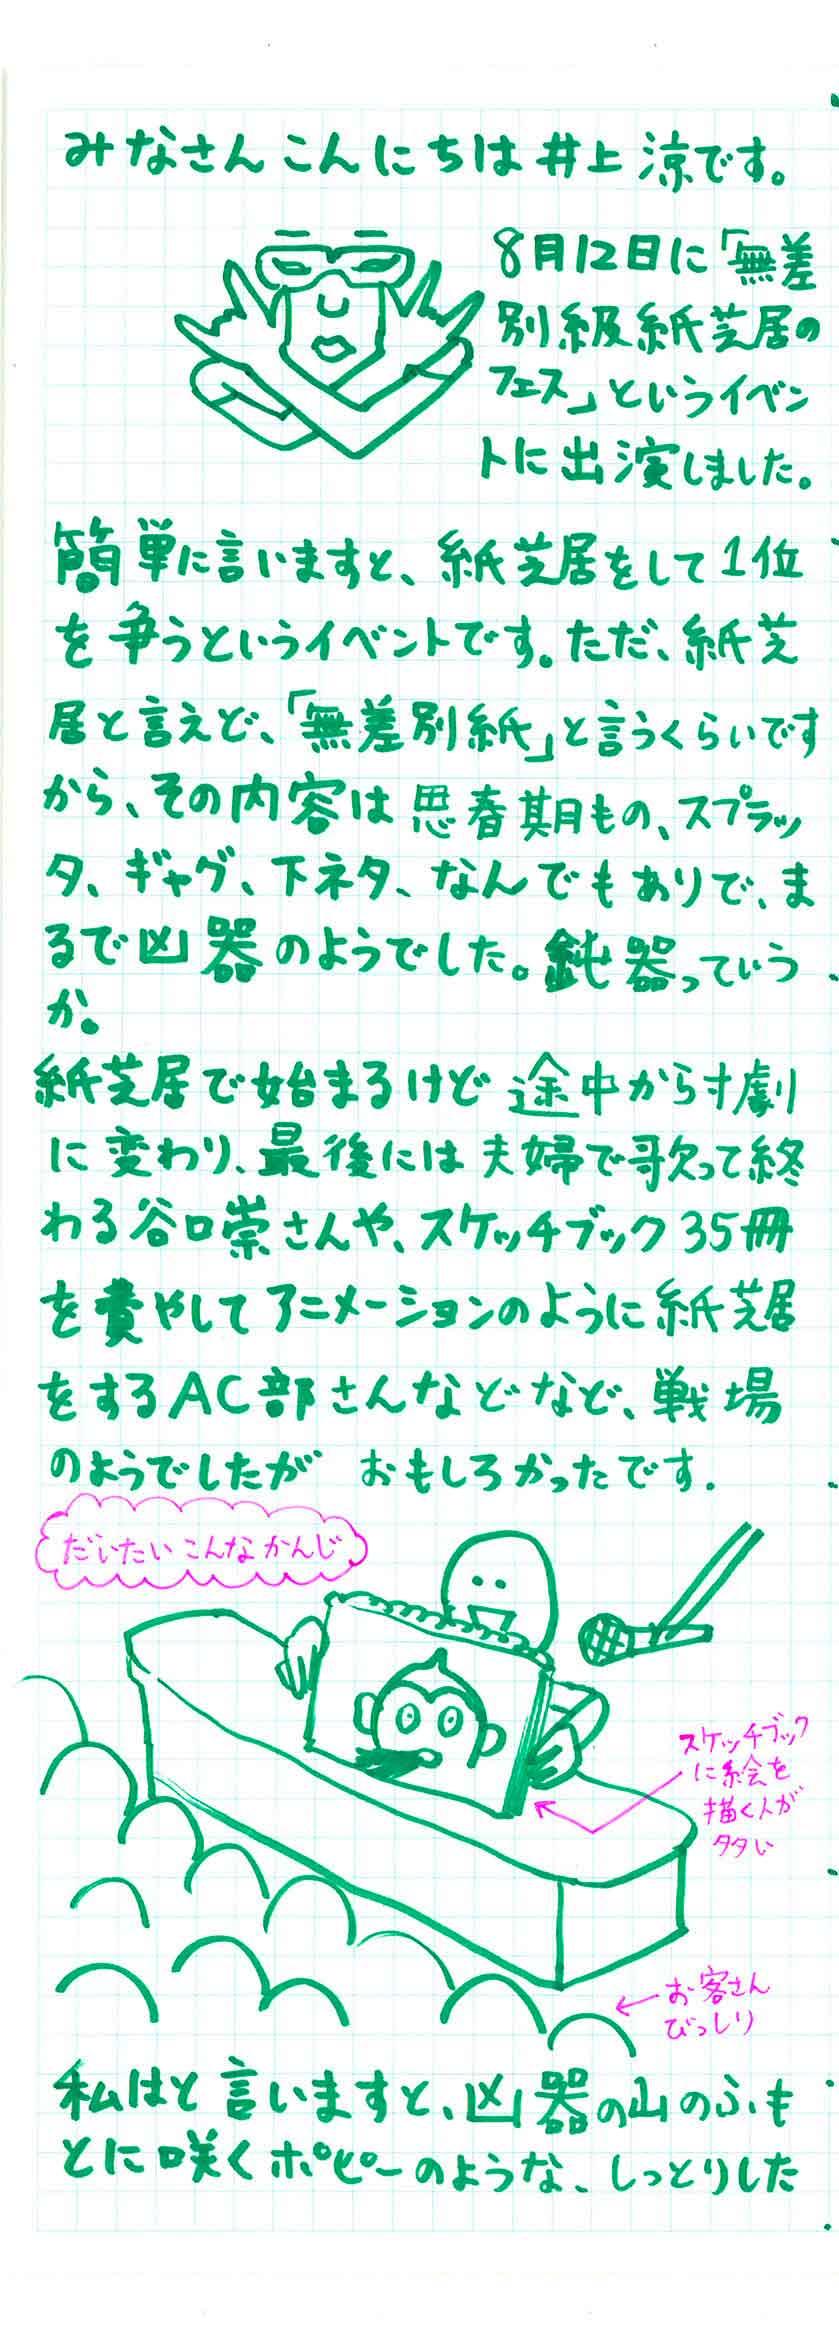 レポート : 8月12日無差別級紙芝居のフェス出演(1)_d0151007_0391615.jpg